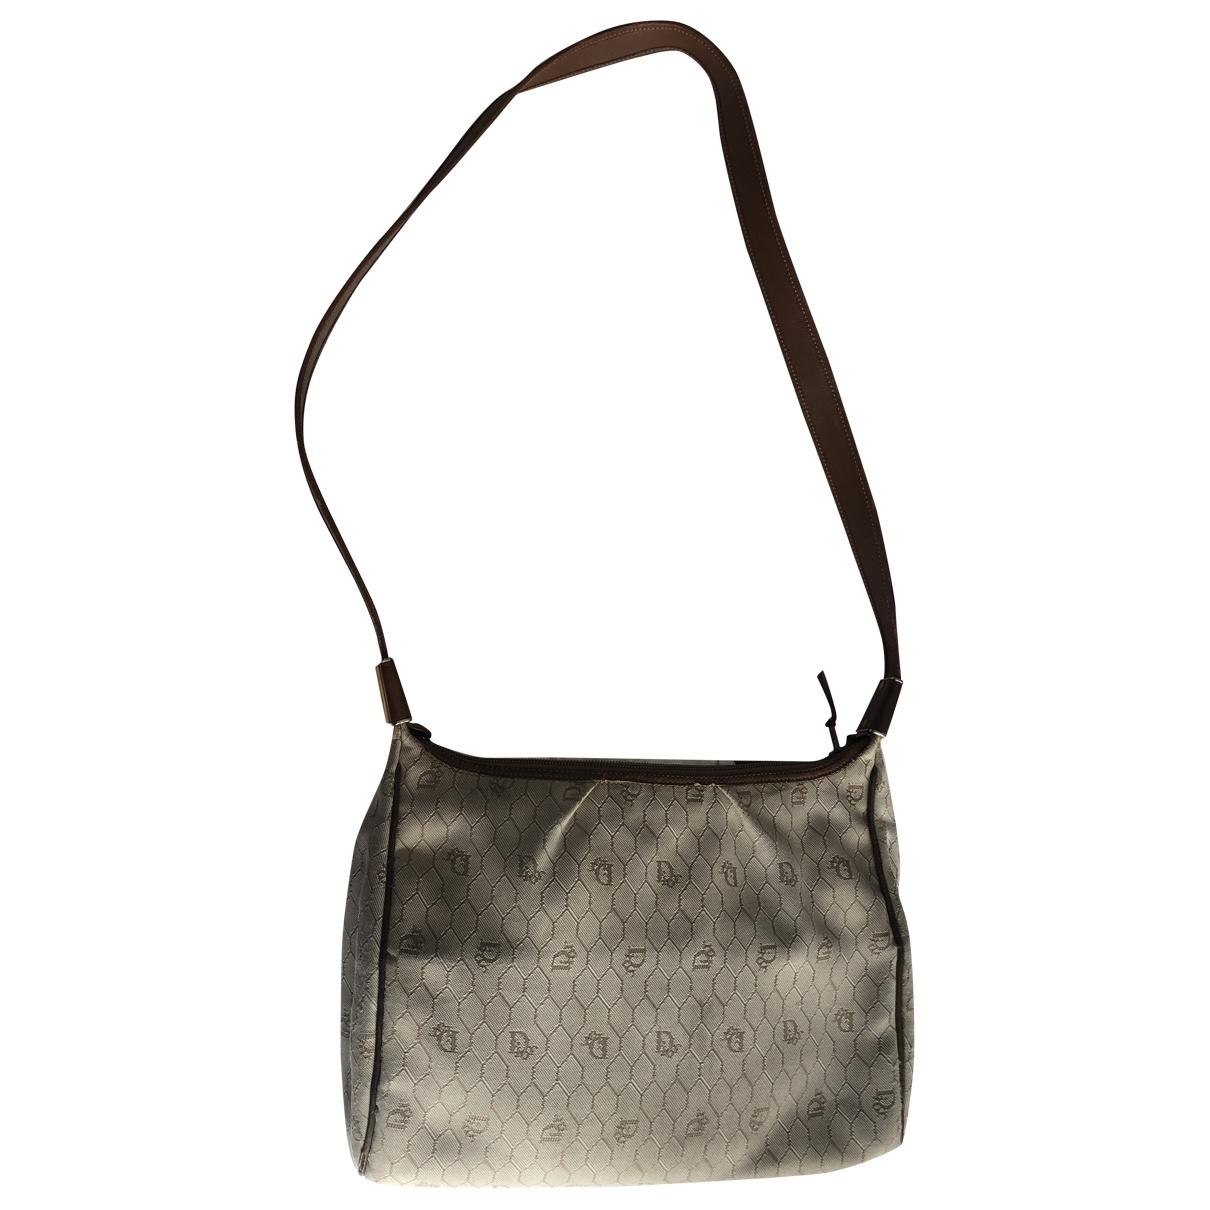 Dior \N Handtasche in  Beige Leinen